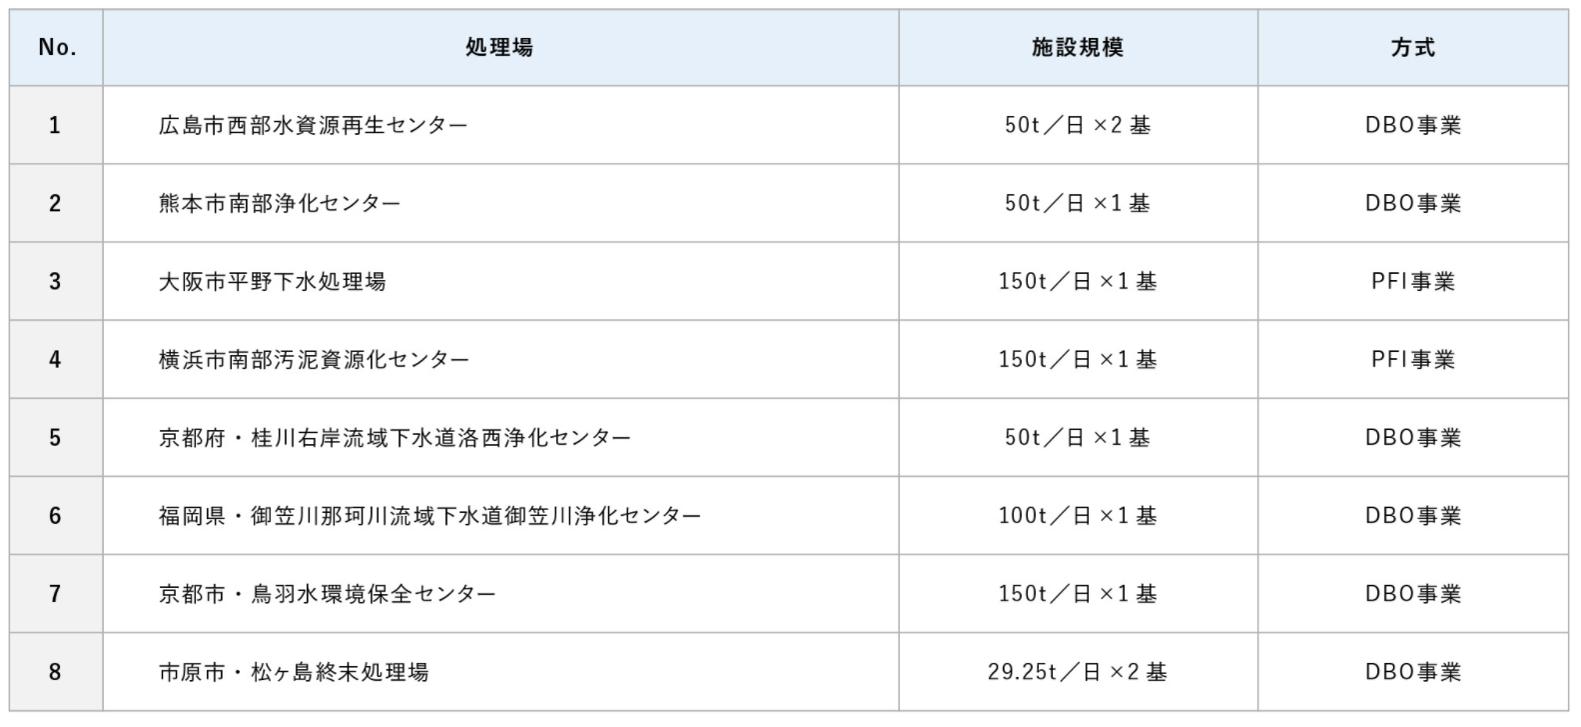 下水処理場におけるPFI/DBO事業2